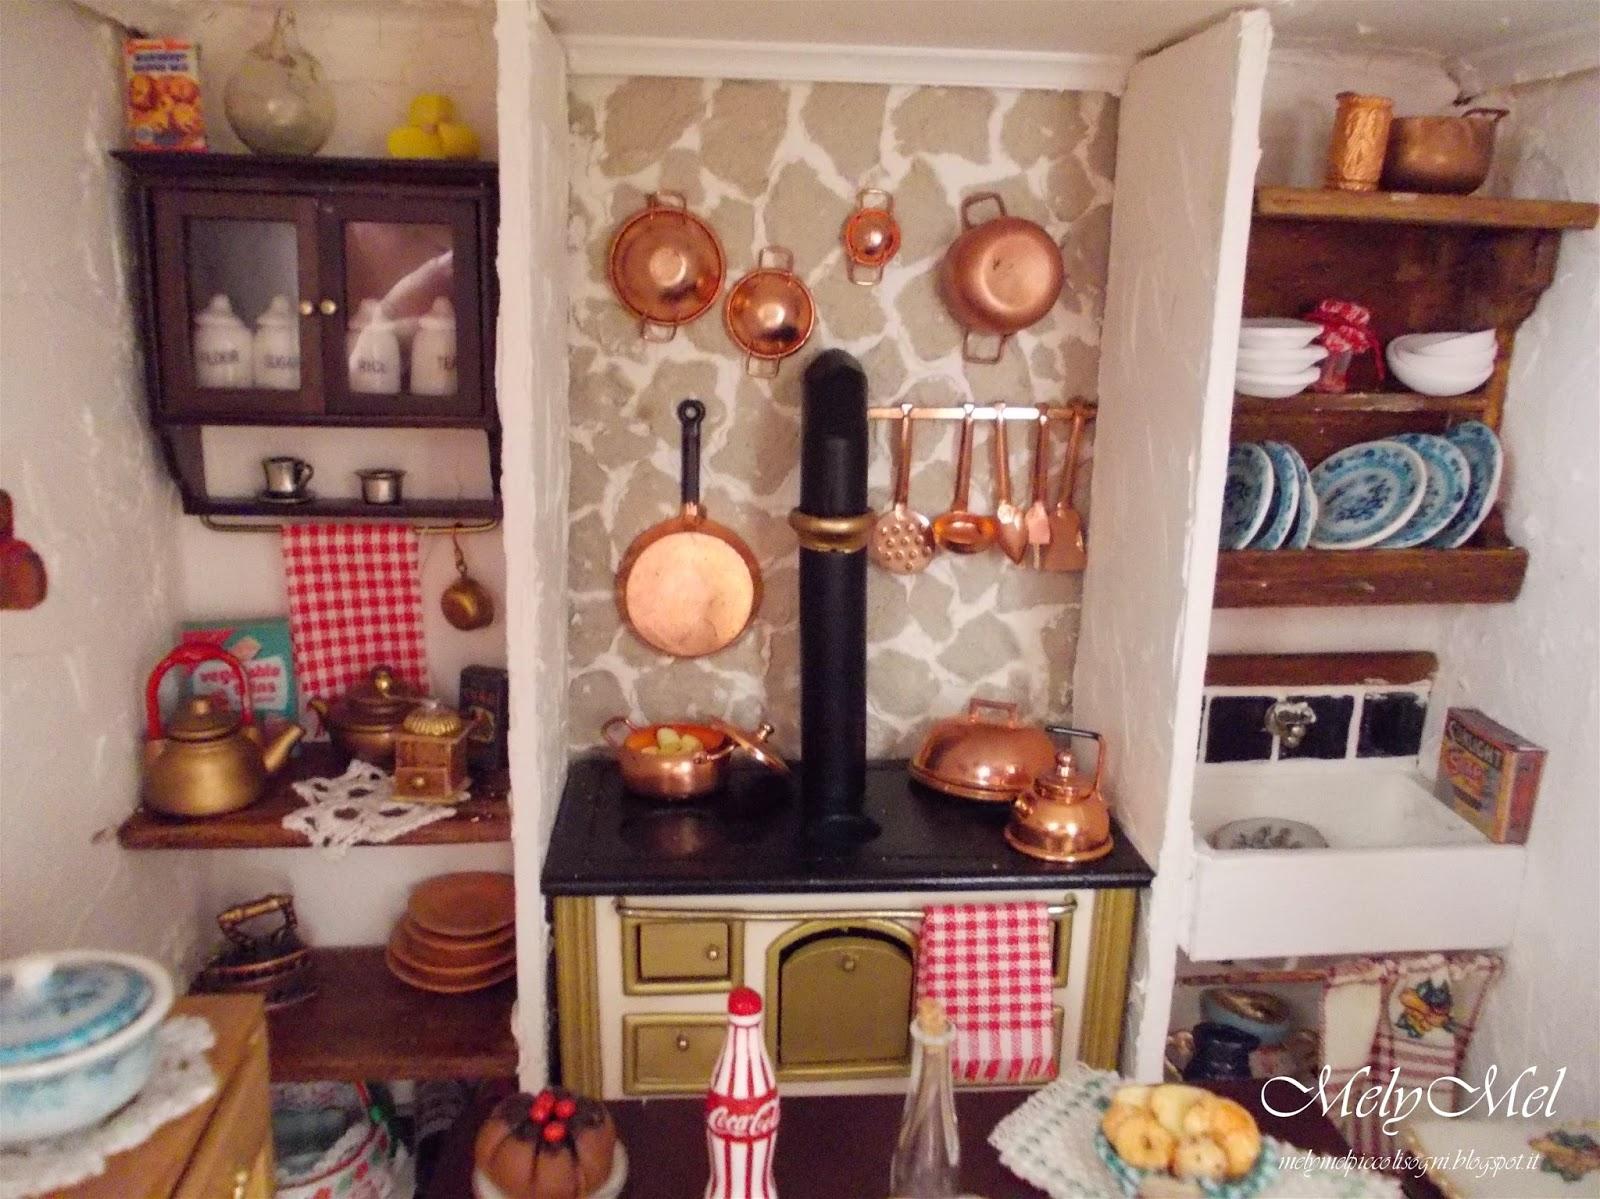 Piastrelle Cucina Fatte A Mano : Piastrelle adesive muro cucina ...